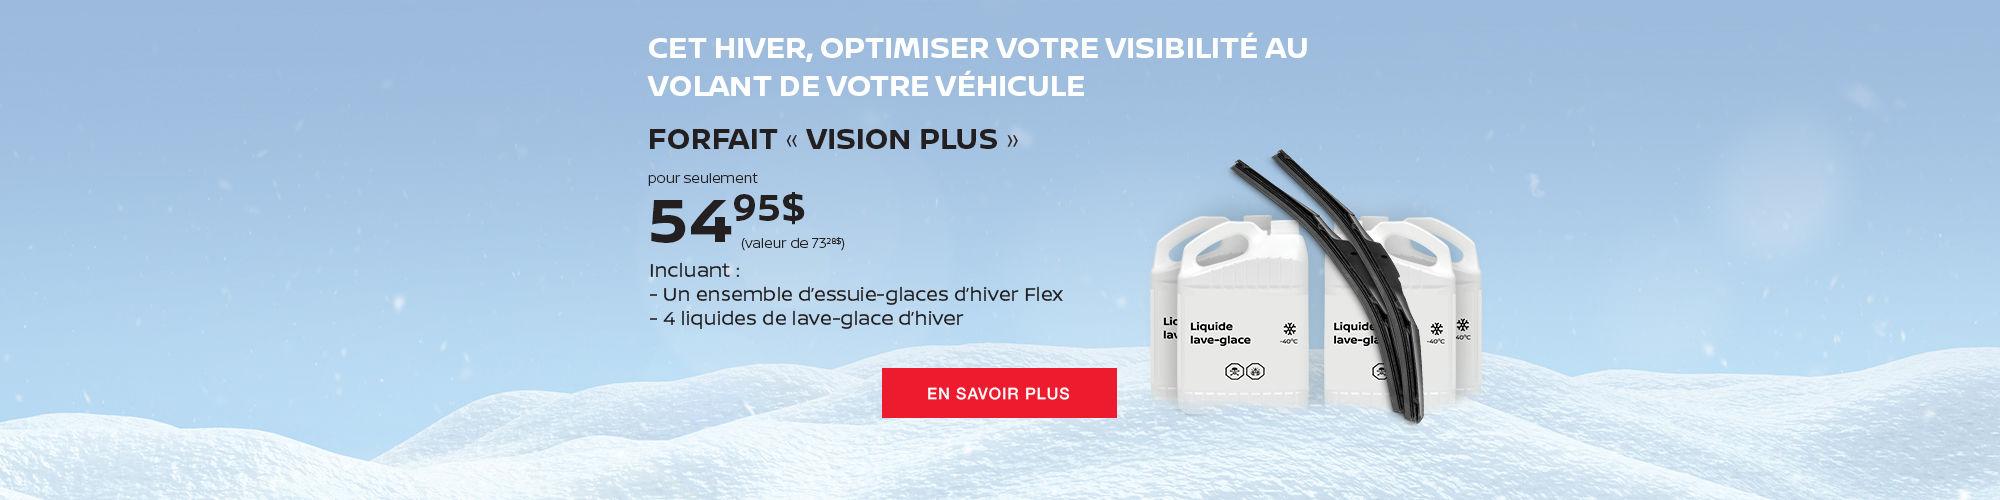 Forfait Vision Plus Nissan